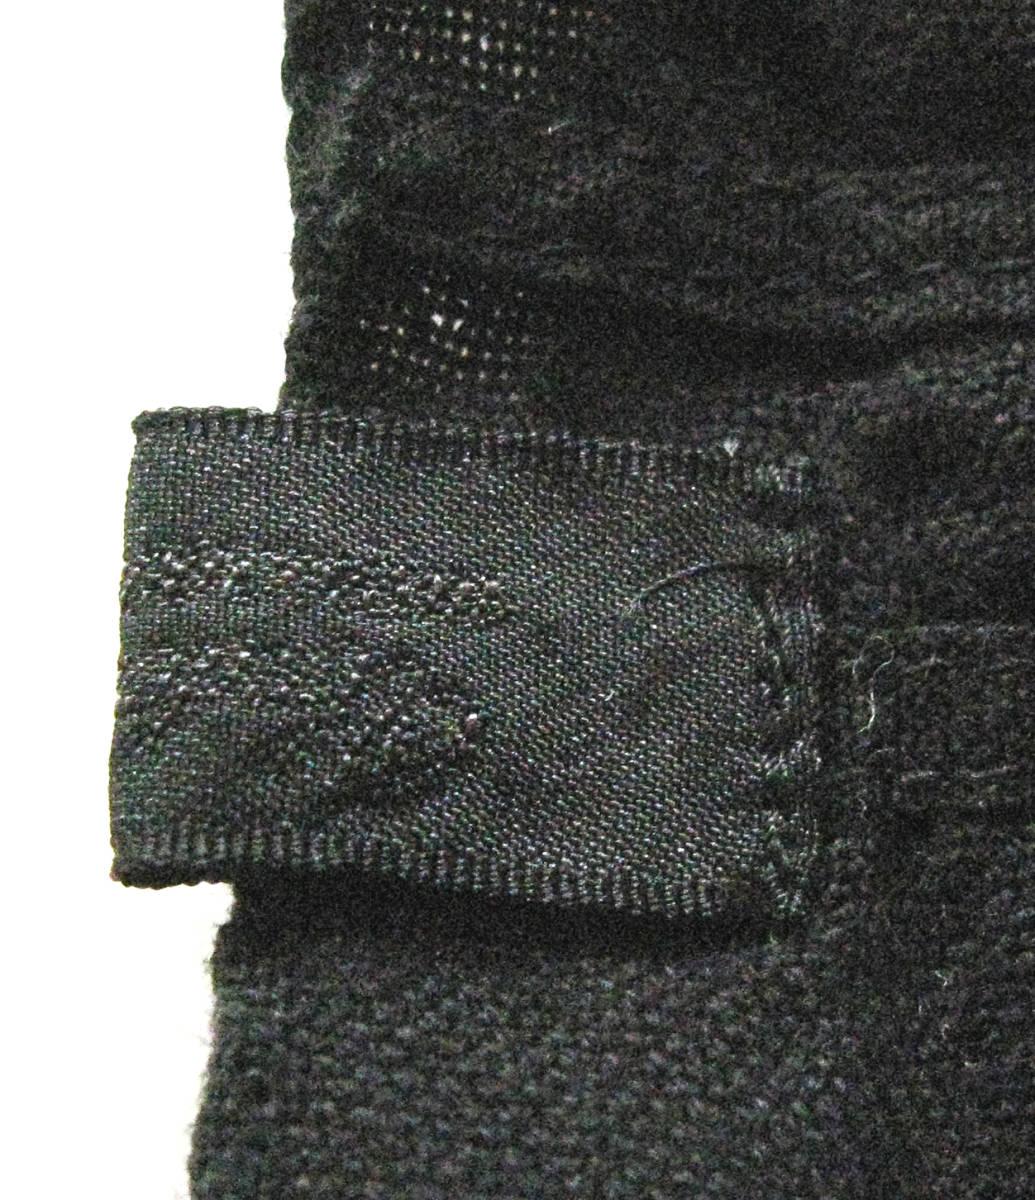 アンダーカバー UNDER COVER : scab 瘡蓋期 ストール 未使用品 ( マフラー スカーフ UNDER COVER SCAB Stole_画像4